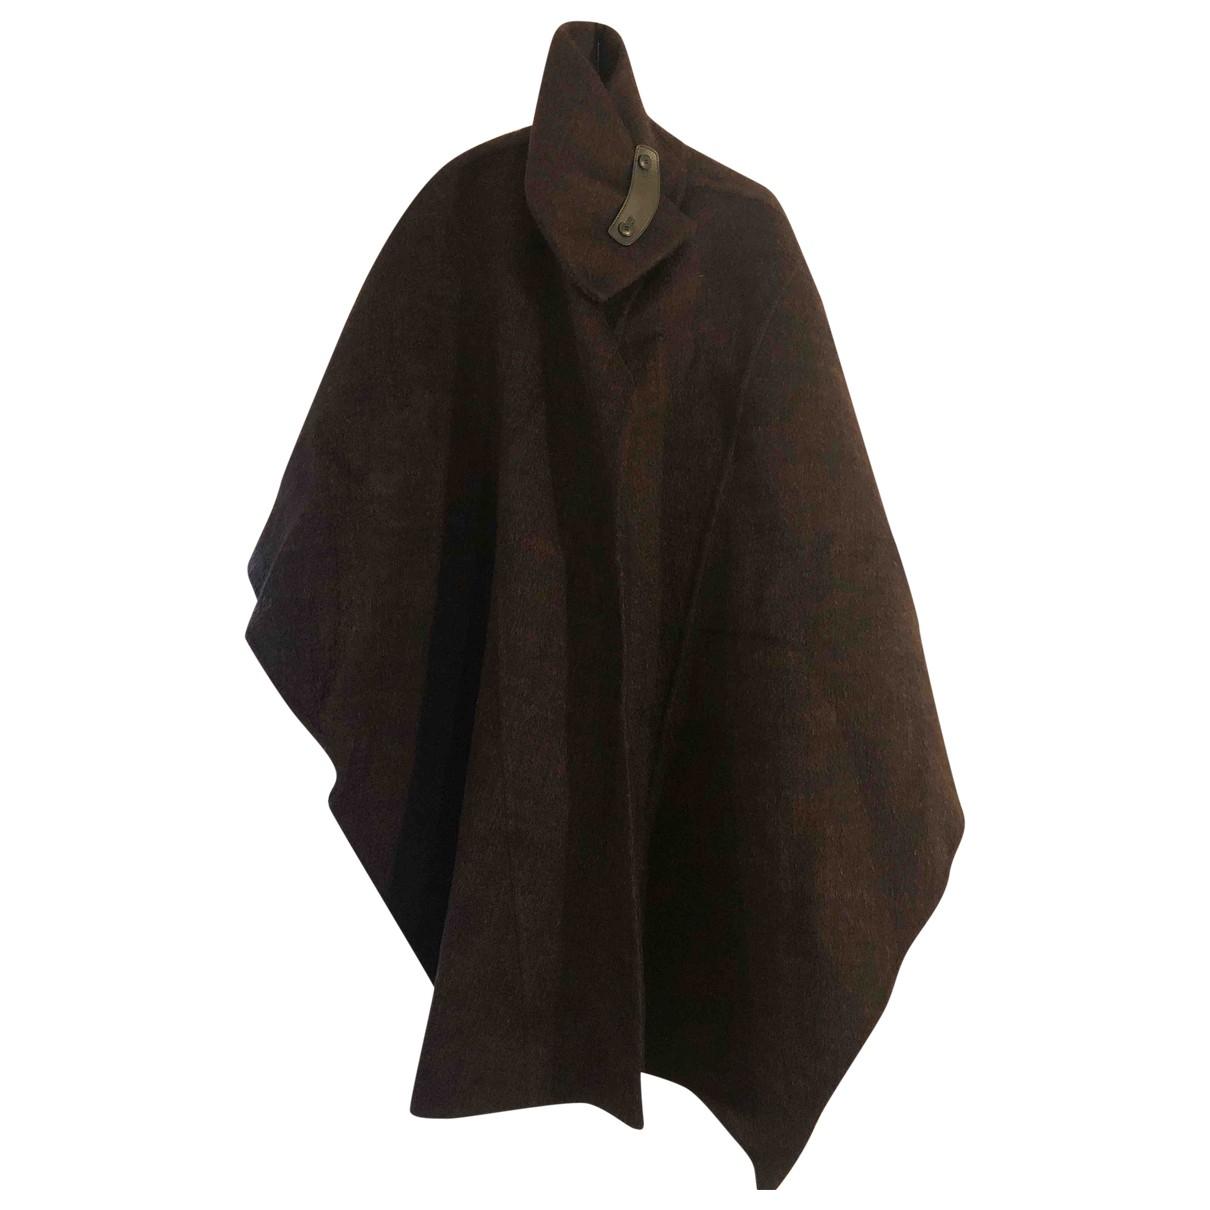 Salvatore Ferragamo - Manteau   pour femme en laine - marron